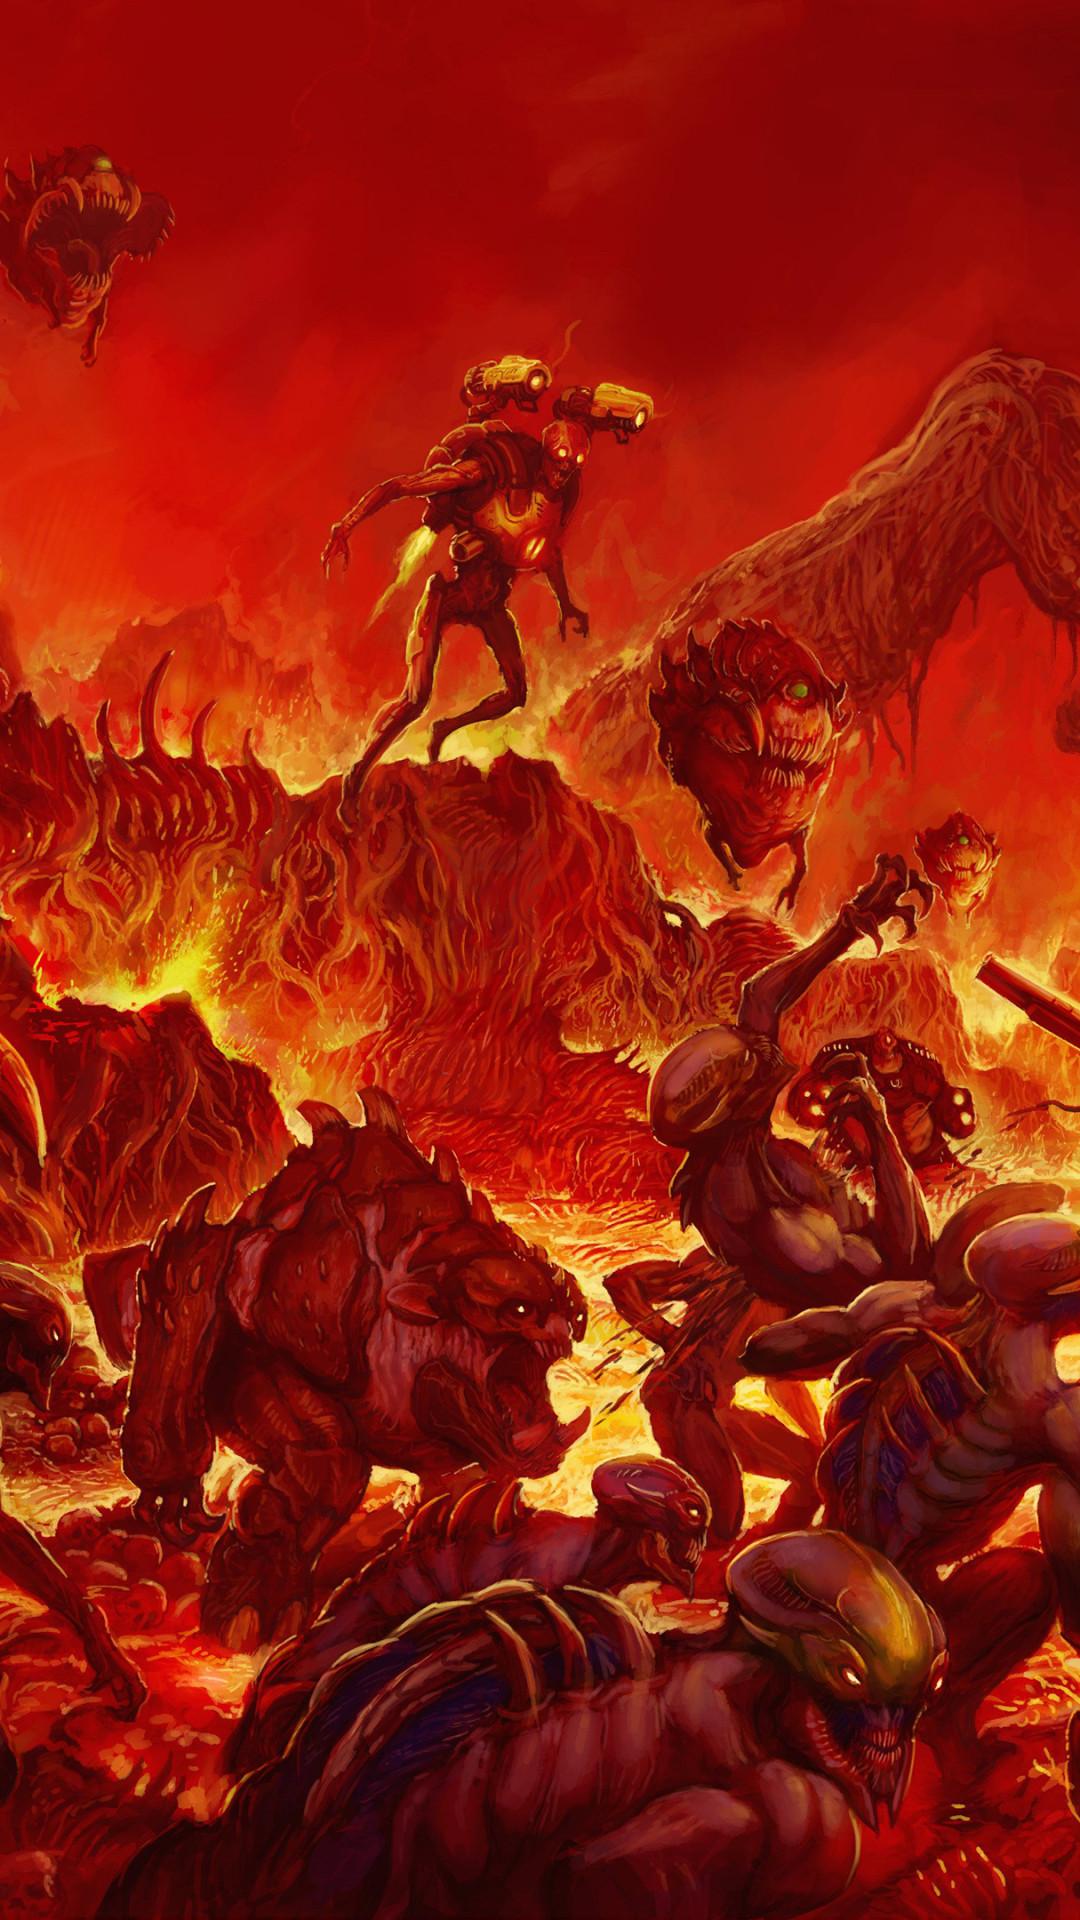 Doom 3 Wallpapers 48 images